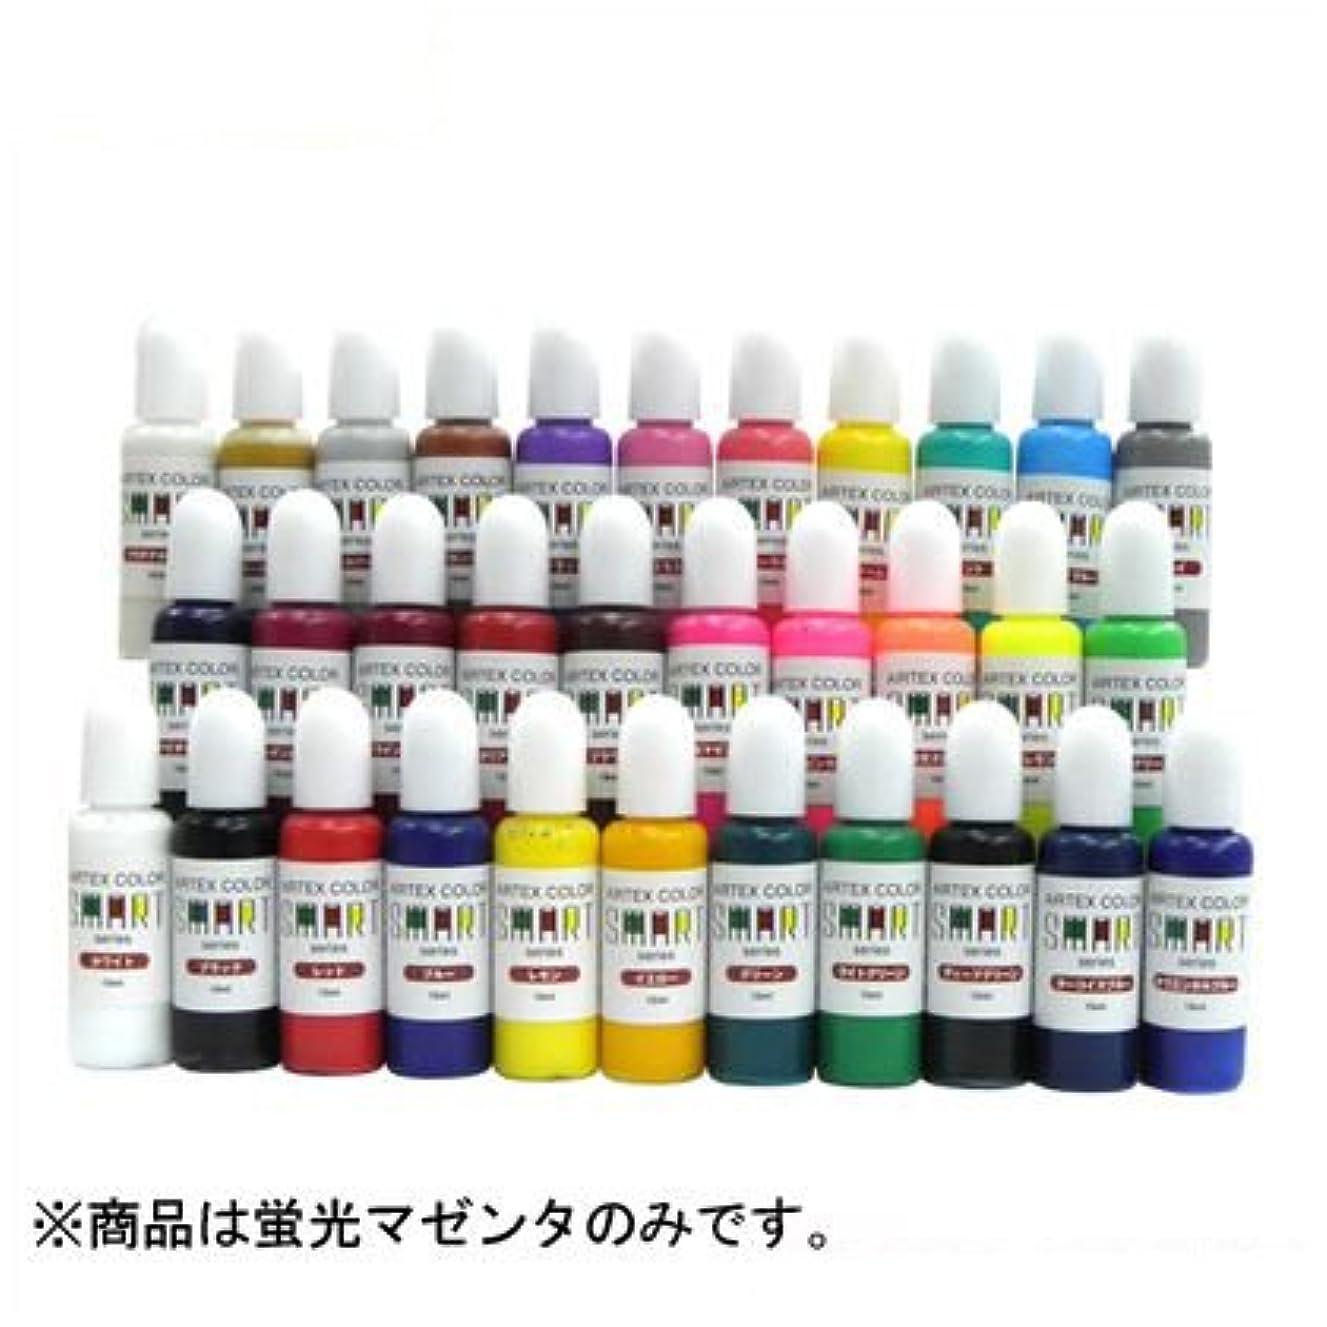 法律多様なアレルギー性エアテックス カラースマートシリーズ 蛍光マゼンタ ACS17